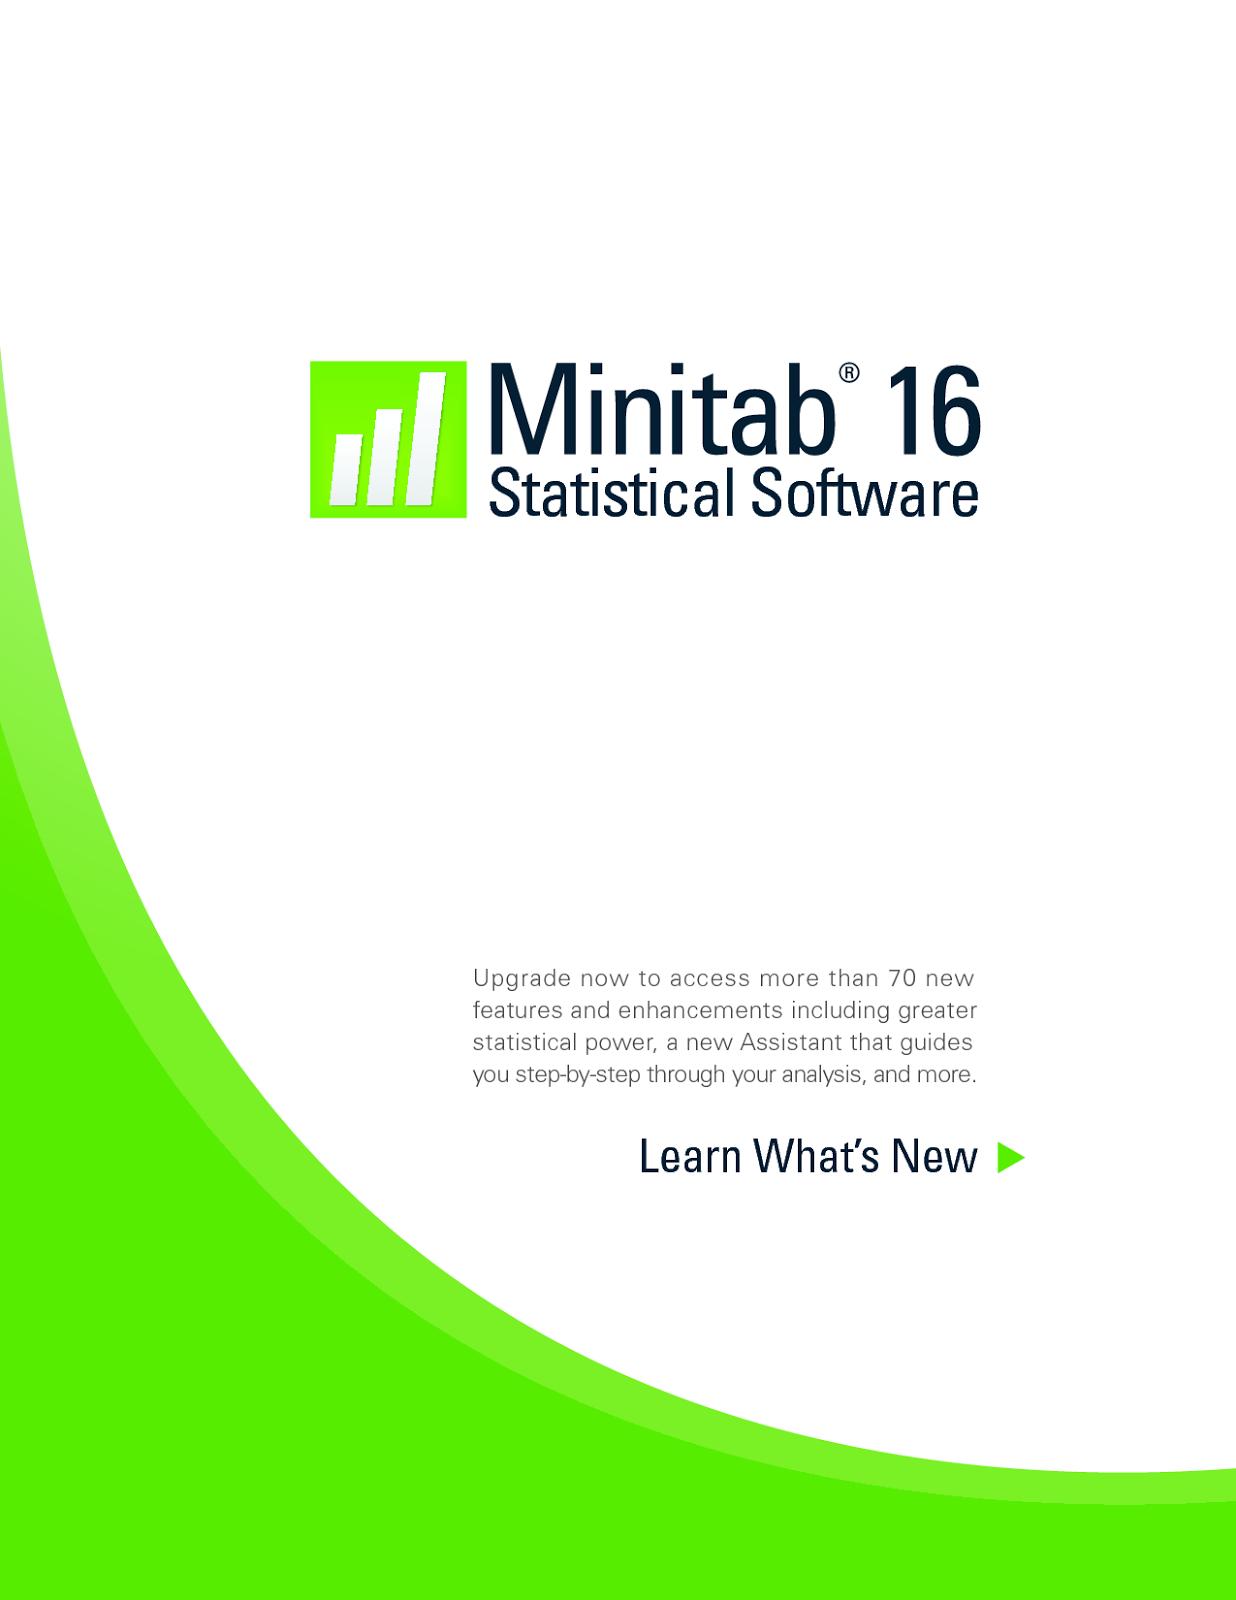 Minitab 16 Terbaru + Crack | Ngapak Software - Download ...